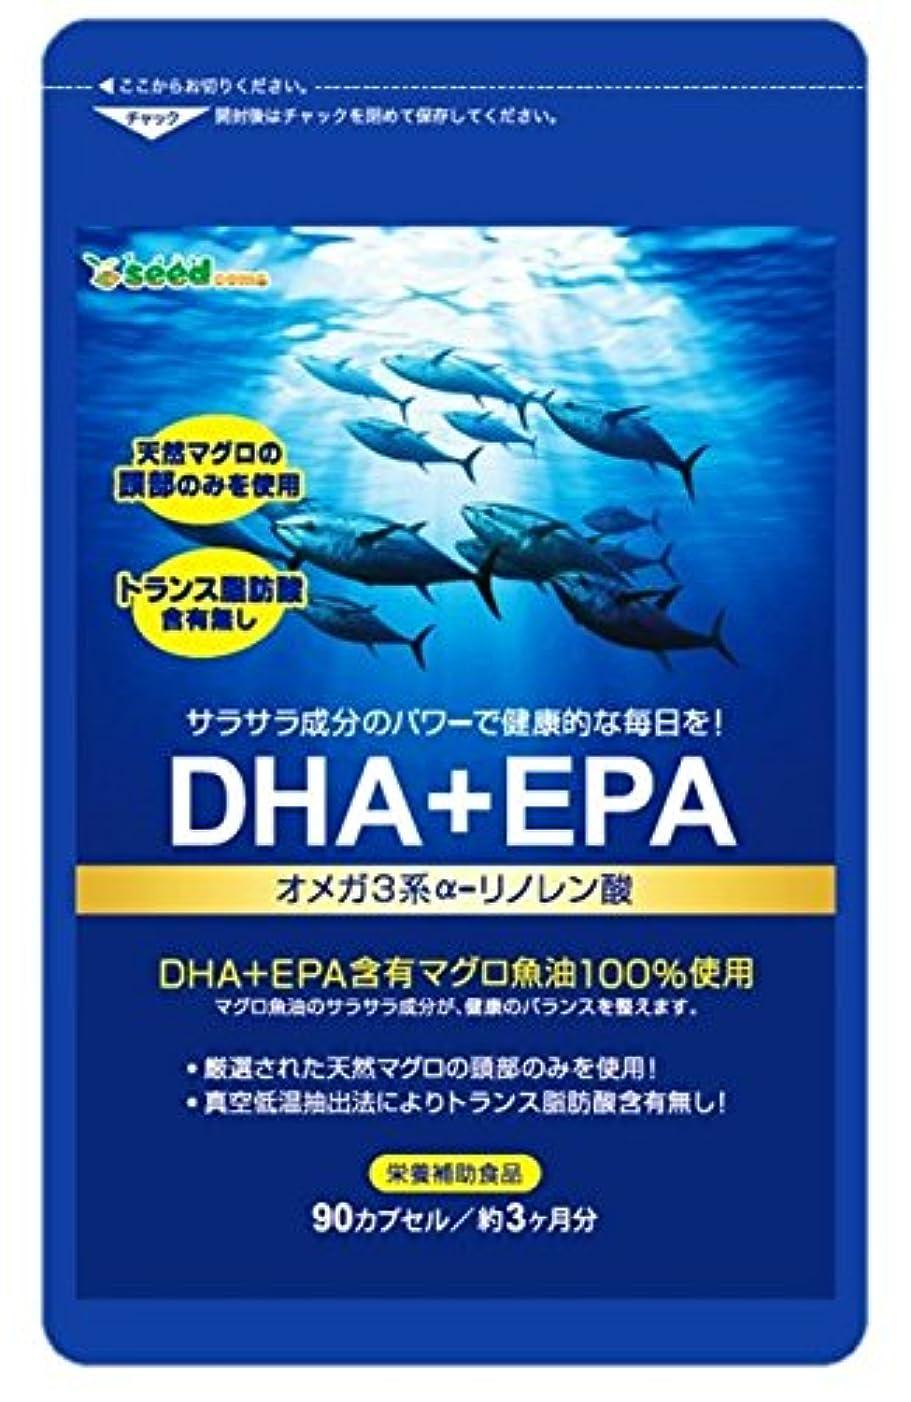 動的変形する九DHA + EPA 約3ヶ月分/90粒 (オメガ系 α-リノレン酸) ビンチョウマグロの頭部のみを贅沢に使用!トランス脂肪酸 0mg